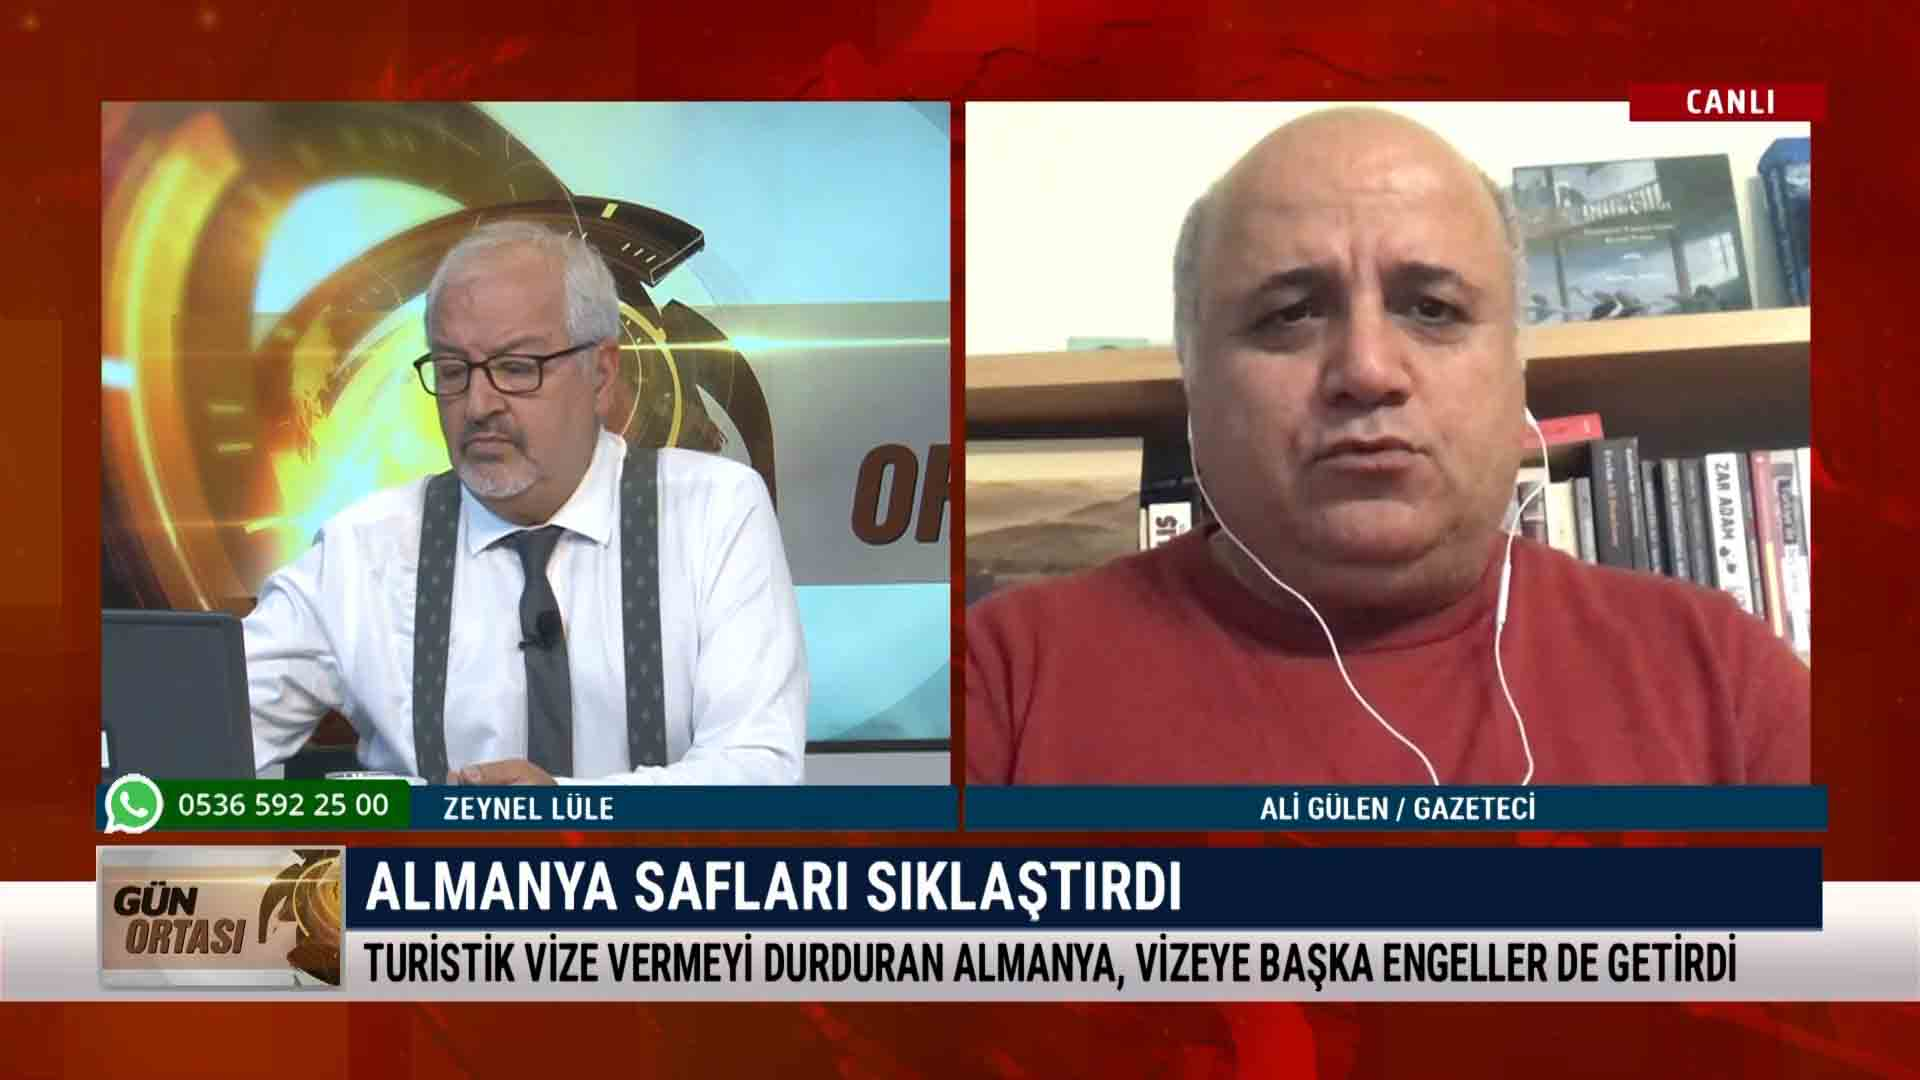 Ali Gülen: Almanya safları sıklaştırdı